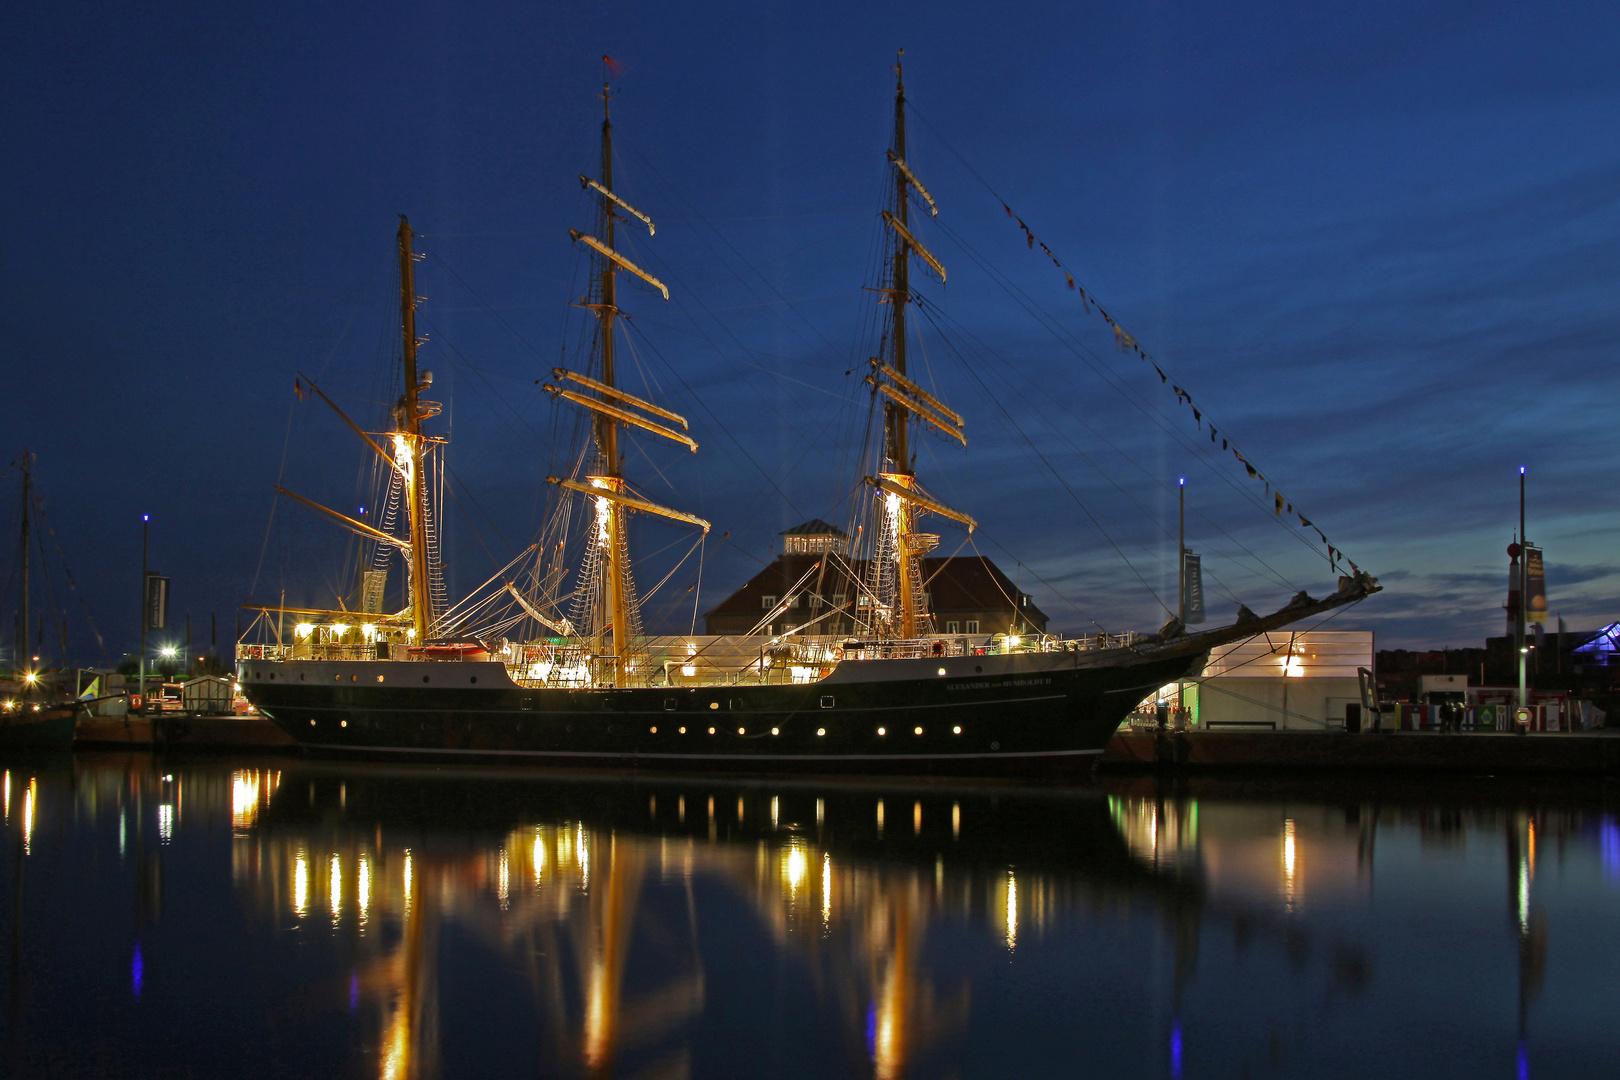 Großereignis Teil --1--: Tauftag der Alexander von Humboldt II am 24.9.2011 in Bremerhaven